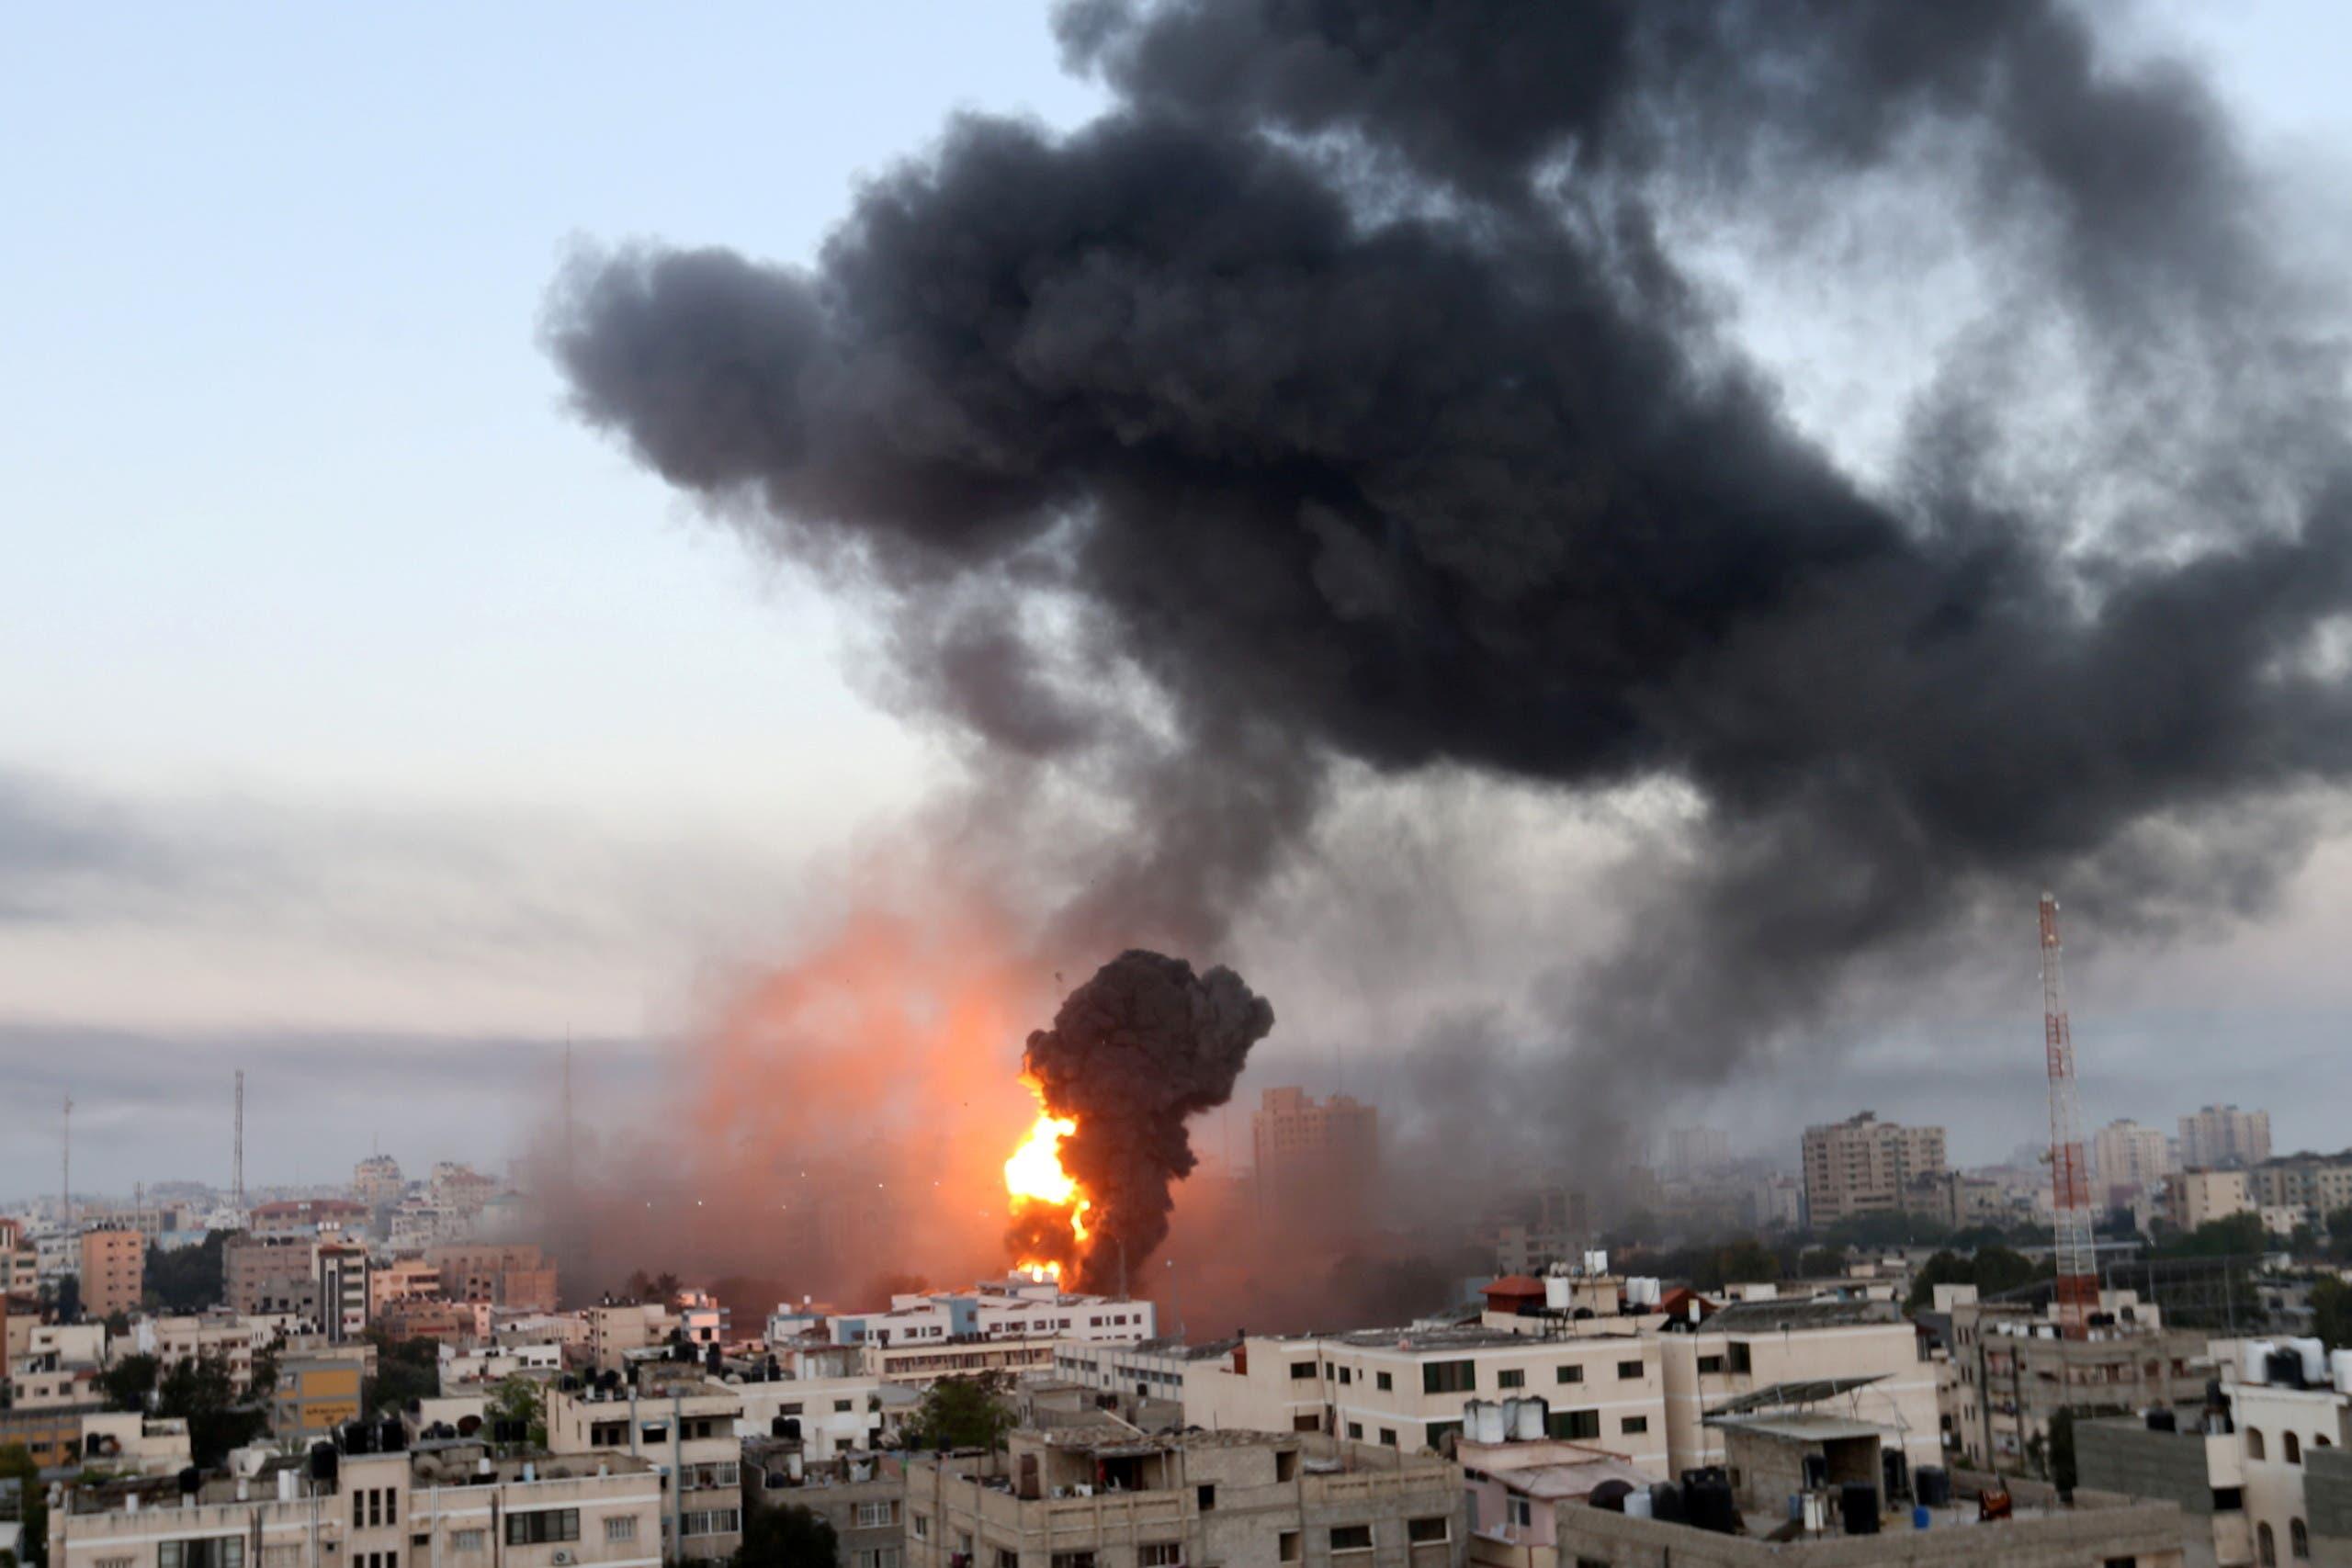 استشهاد 4 فلسطينيين في غارات لطيران الاحتلال على قطاع غزة